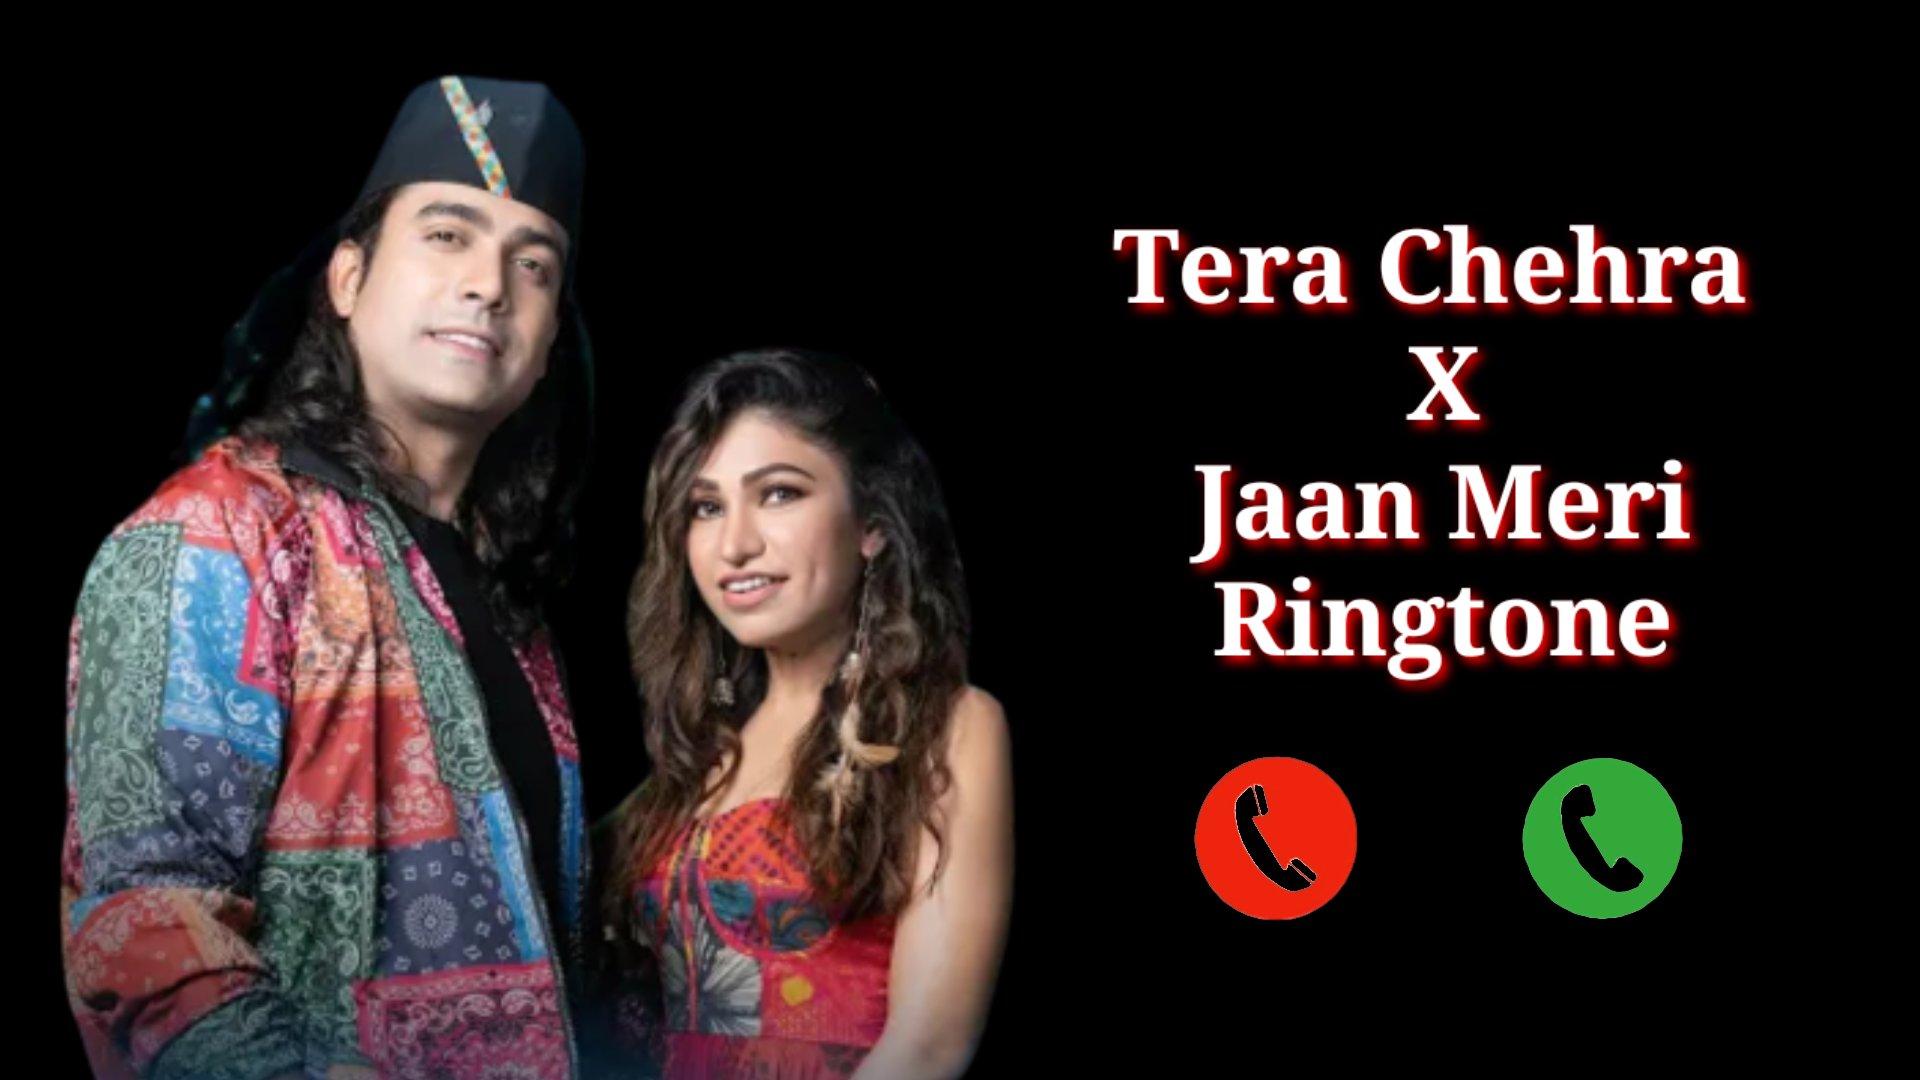 Tera Chehra X Jaan Meri ringtone